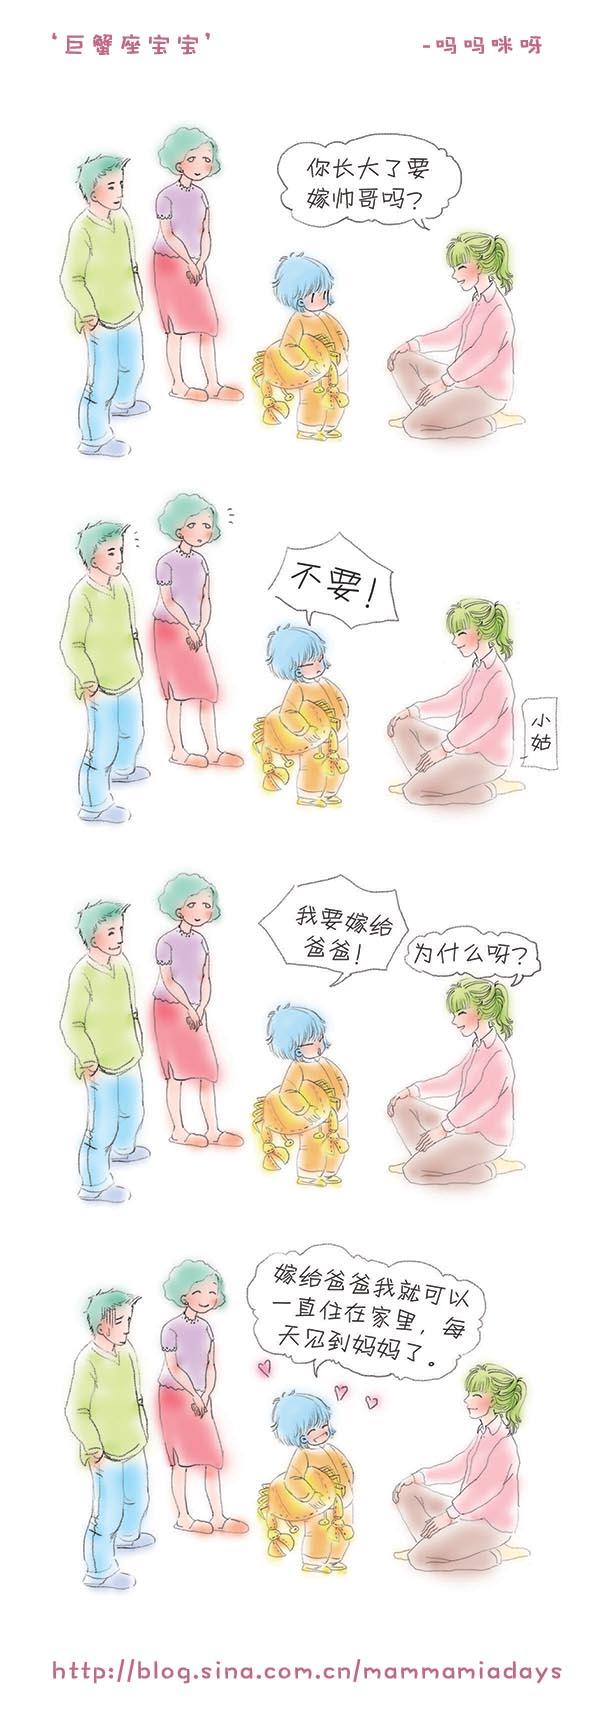 12星座-巨蟹漫画 copy